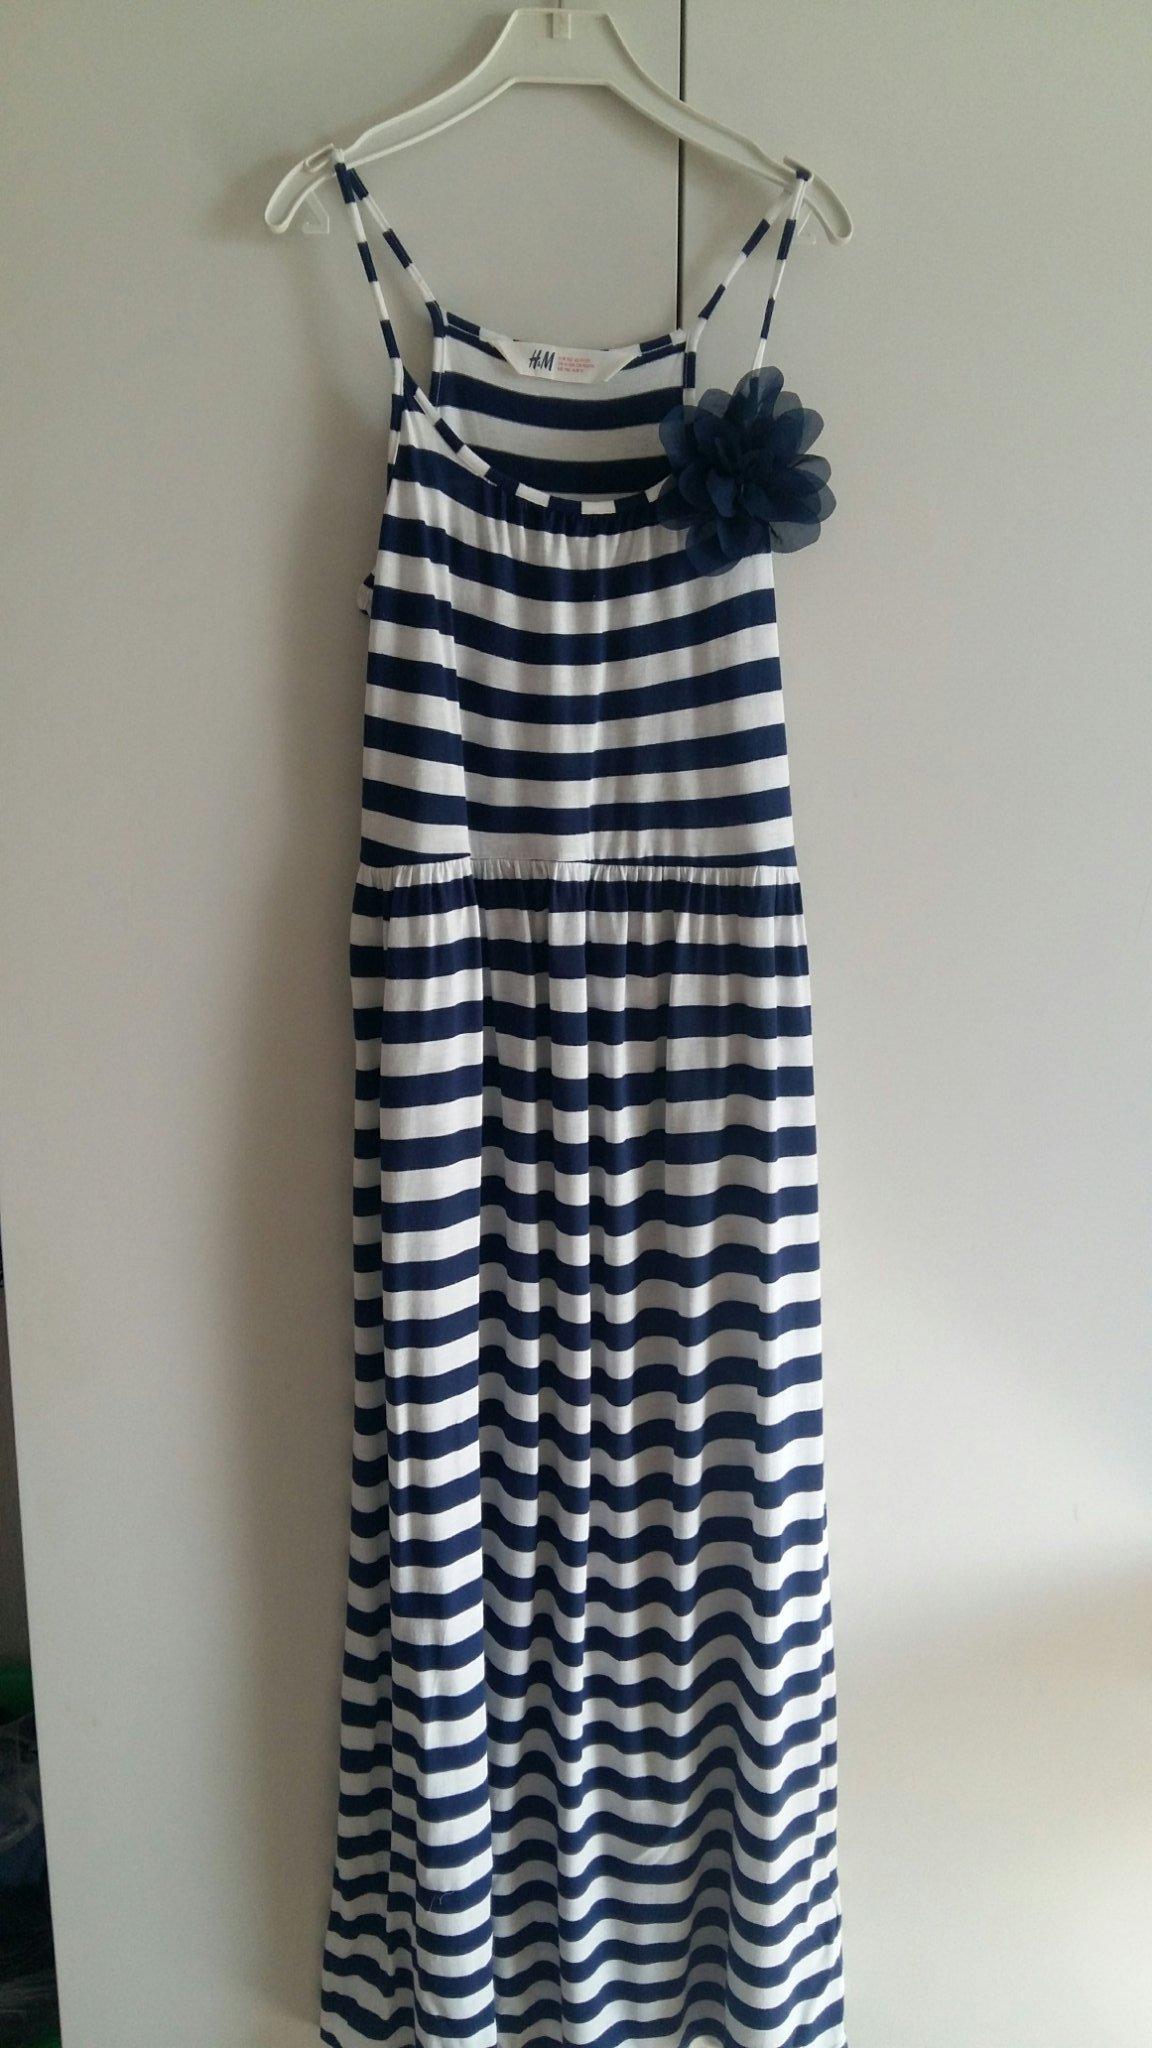 862e24366f73 Randig långklänning med rosett stl 152 (352780519) ᐈ Köp på Tradera